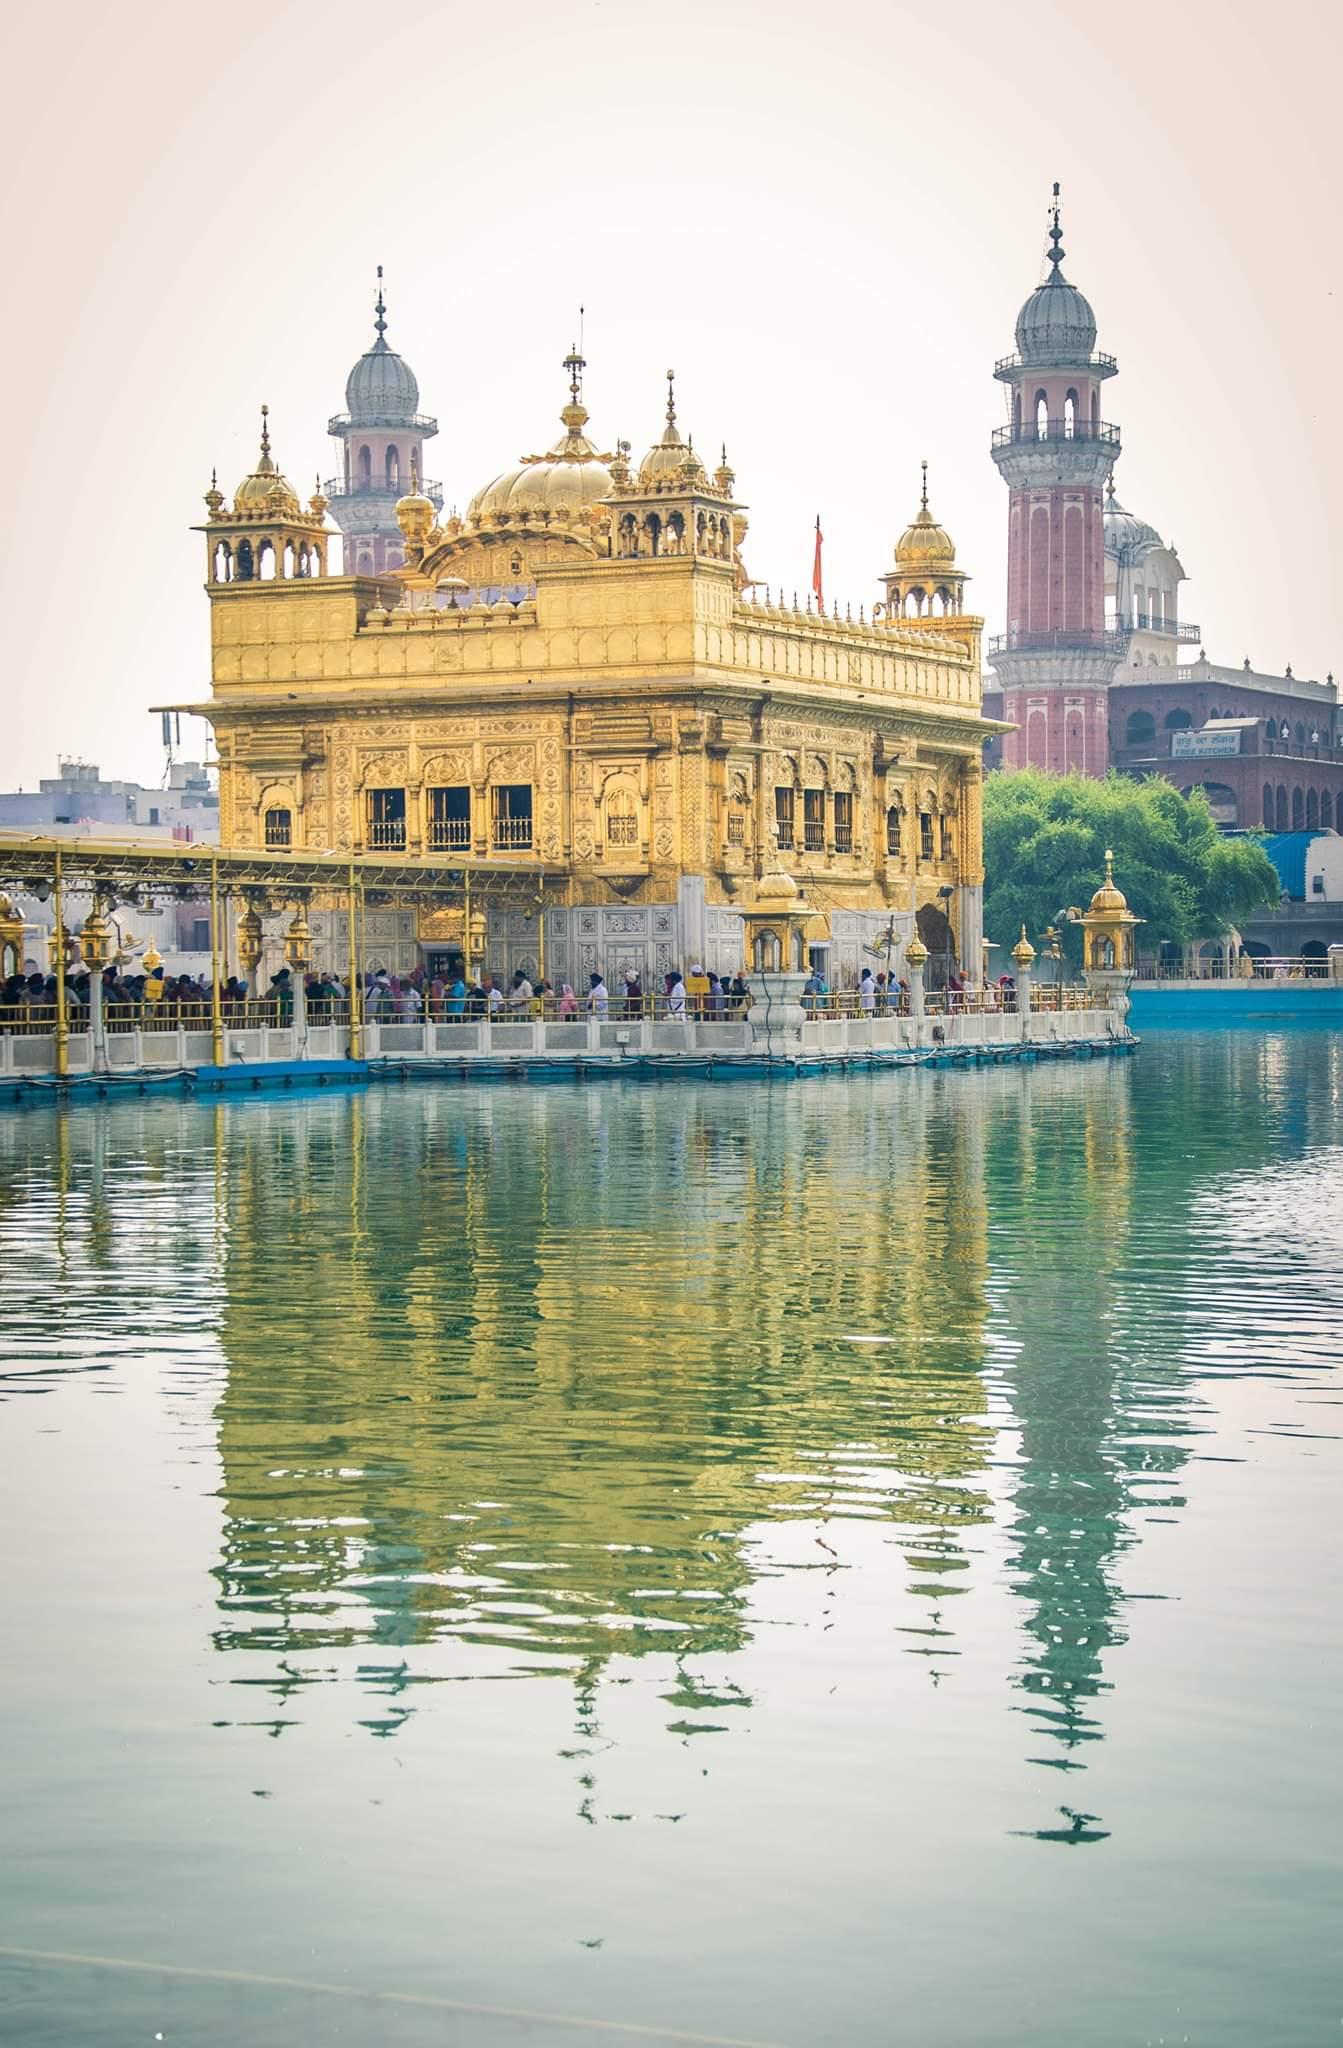 Delhi - Chandigarh - Anandpur Sahib - Amritsar - Kapurthala - Jalandhar - Patiala - Delhi